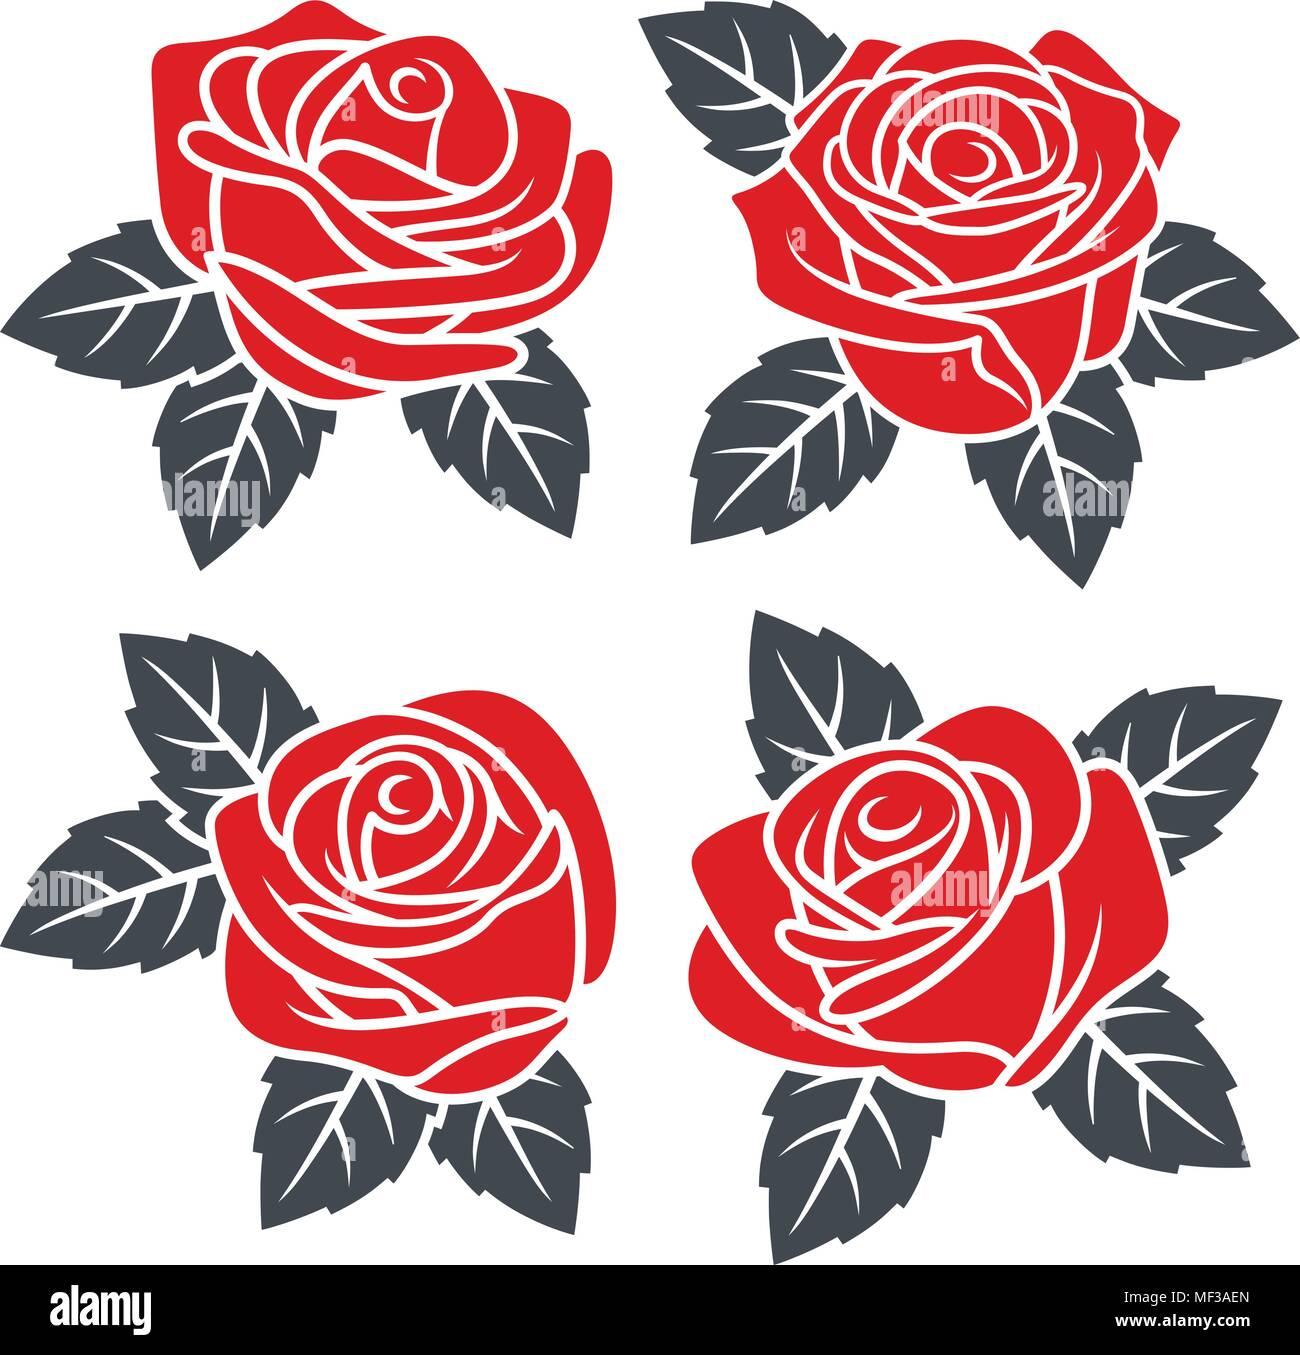 Sagome Di Rose Rosse Isolato Su Sfondo Bianco Utilizzare Per Il